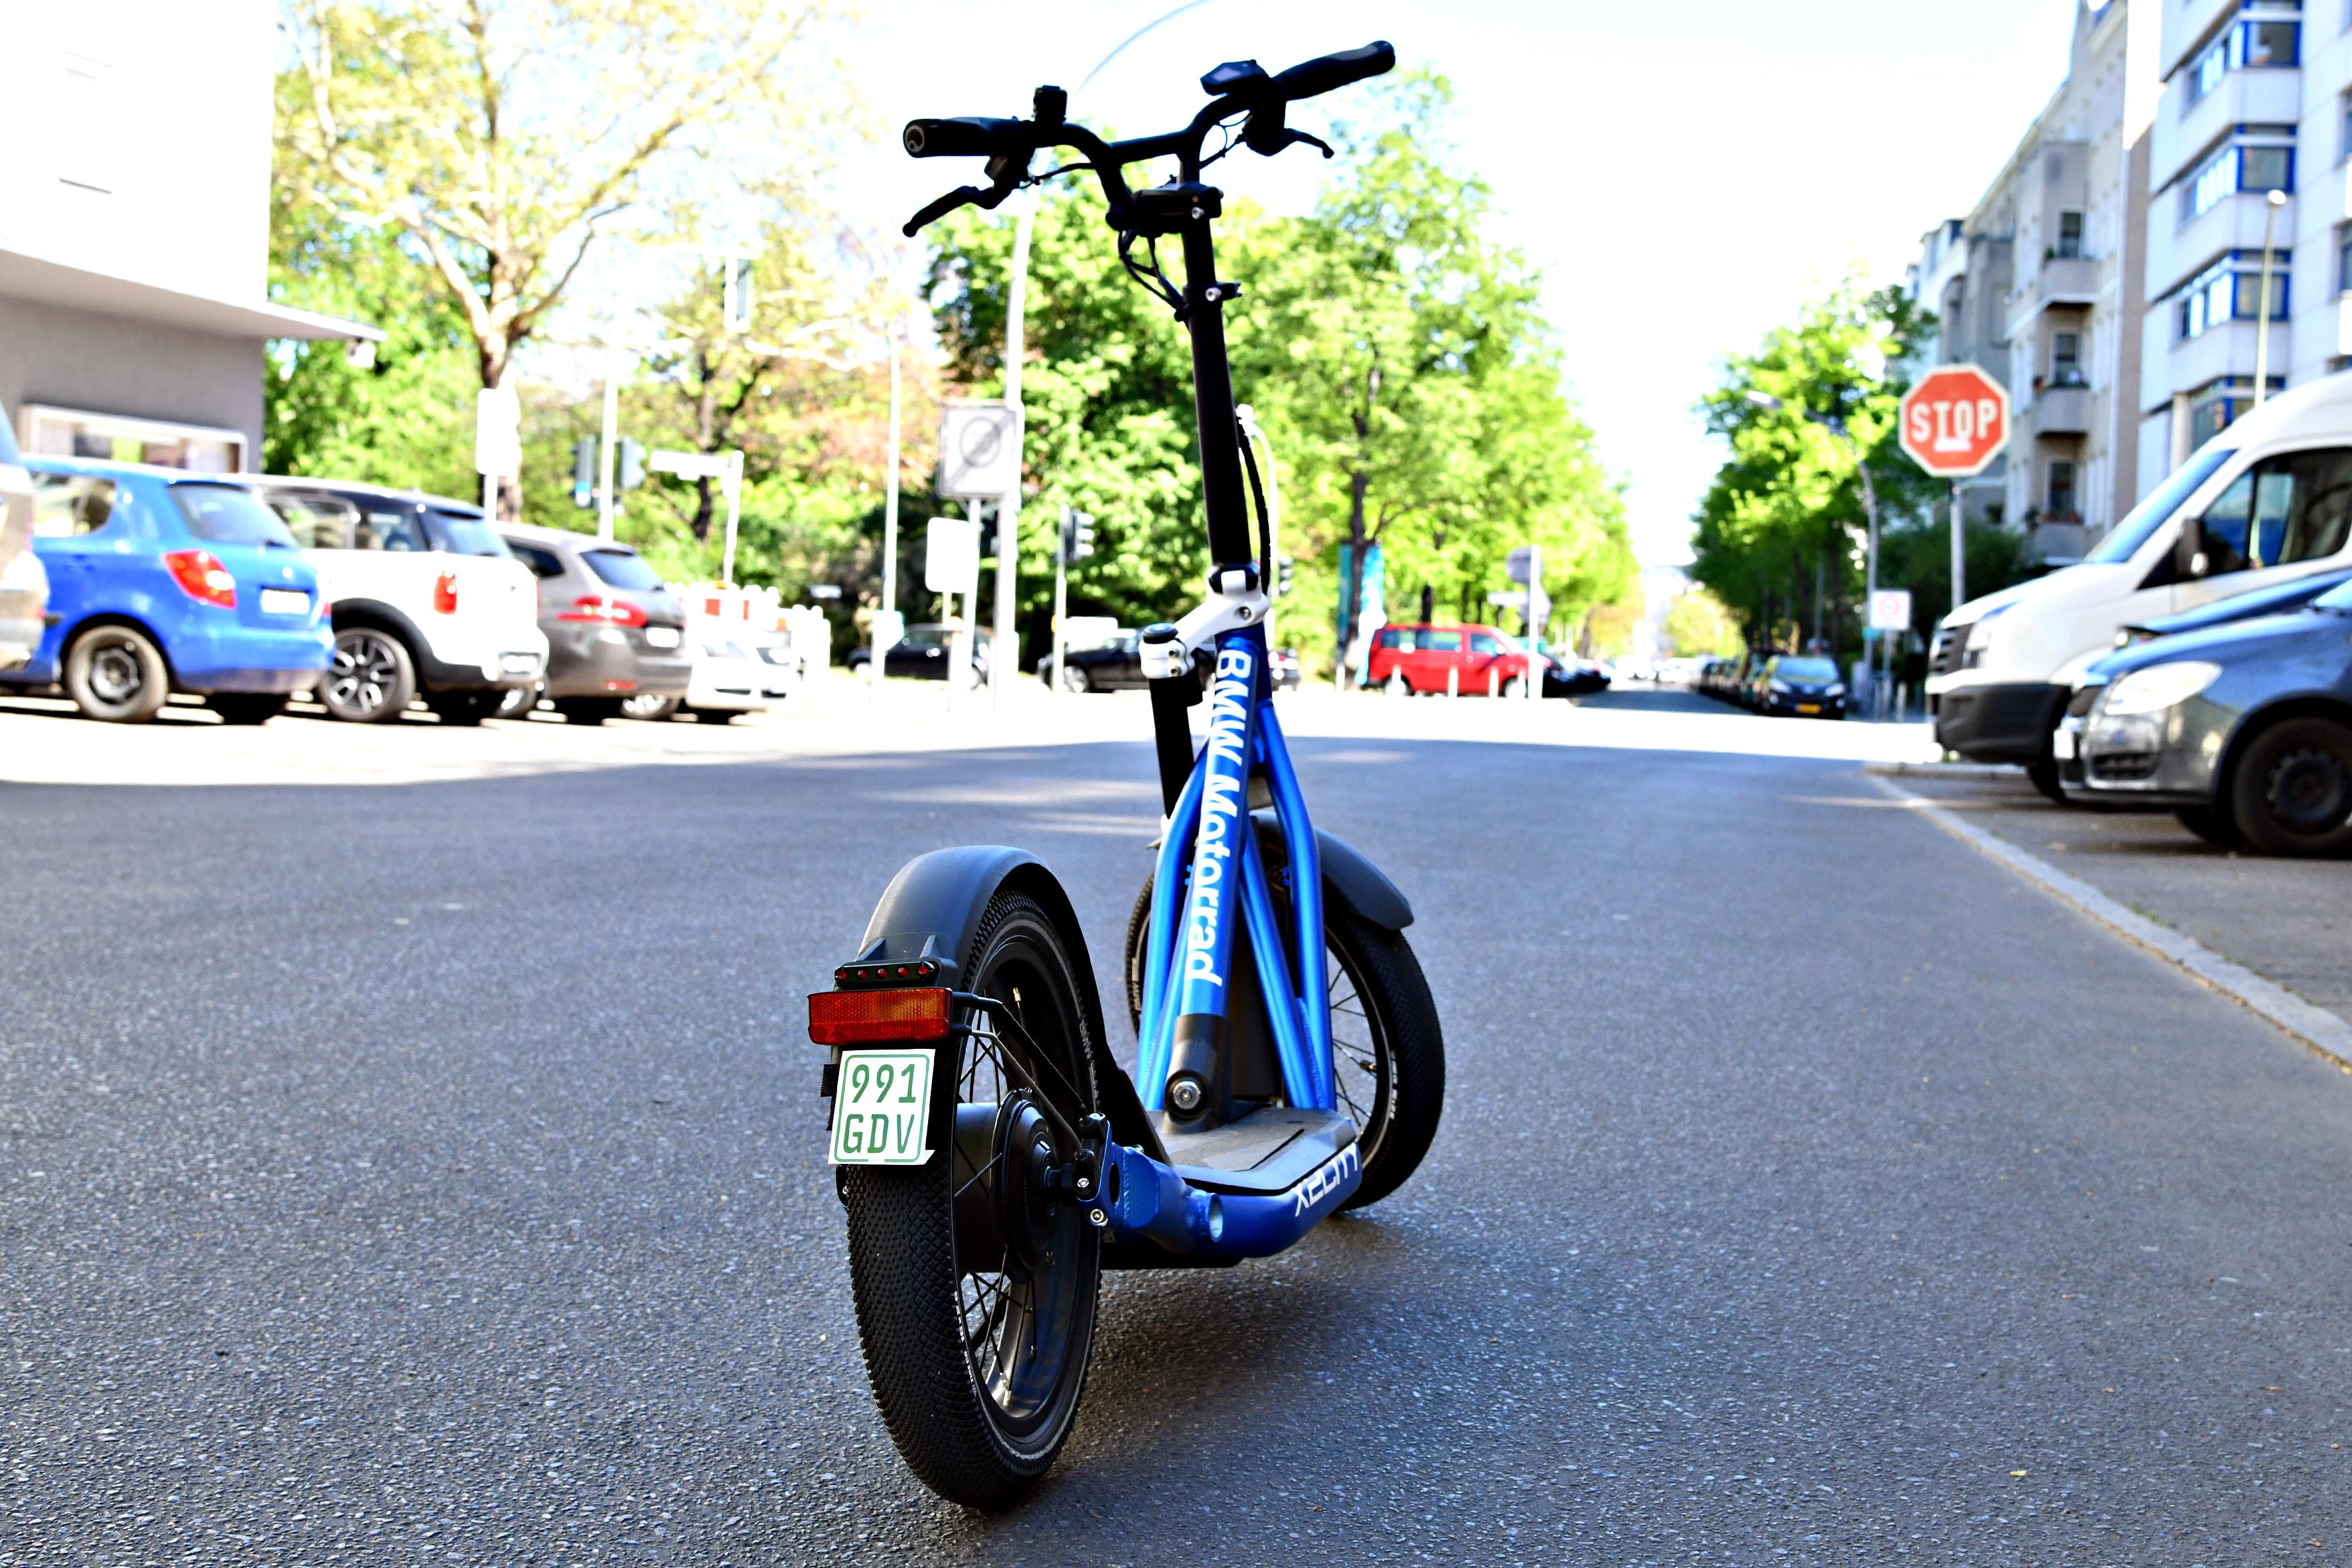 E Scooter Gesetze Regeln Vorschriften 2019 Ekfv